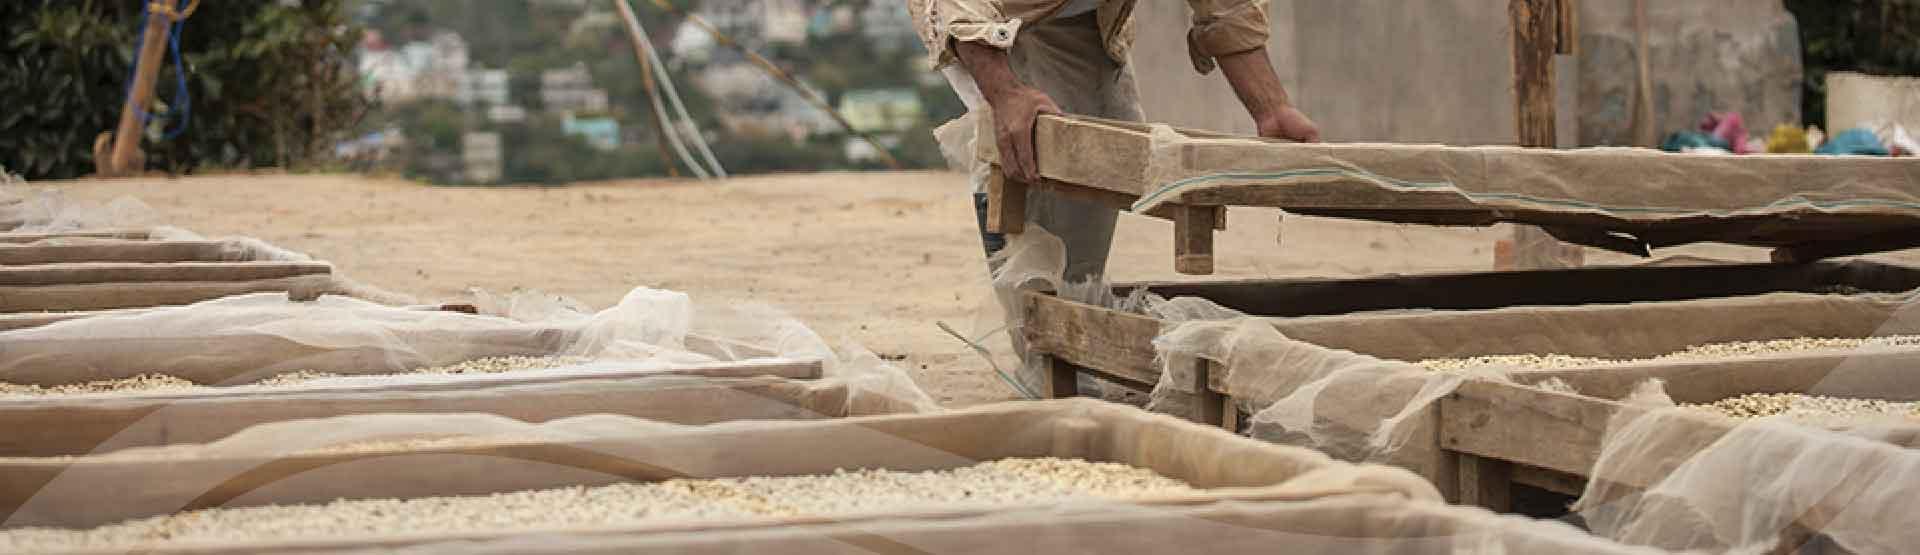 Sản xuất cà phê nguyên chất Oriberry